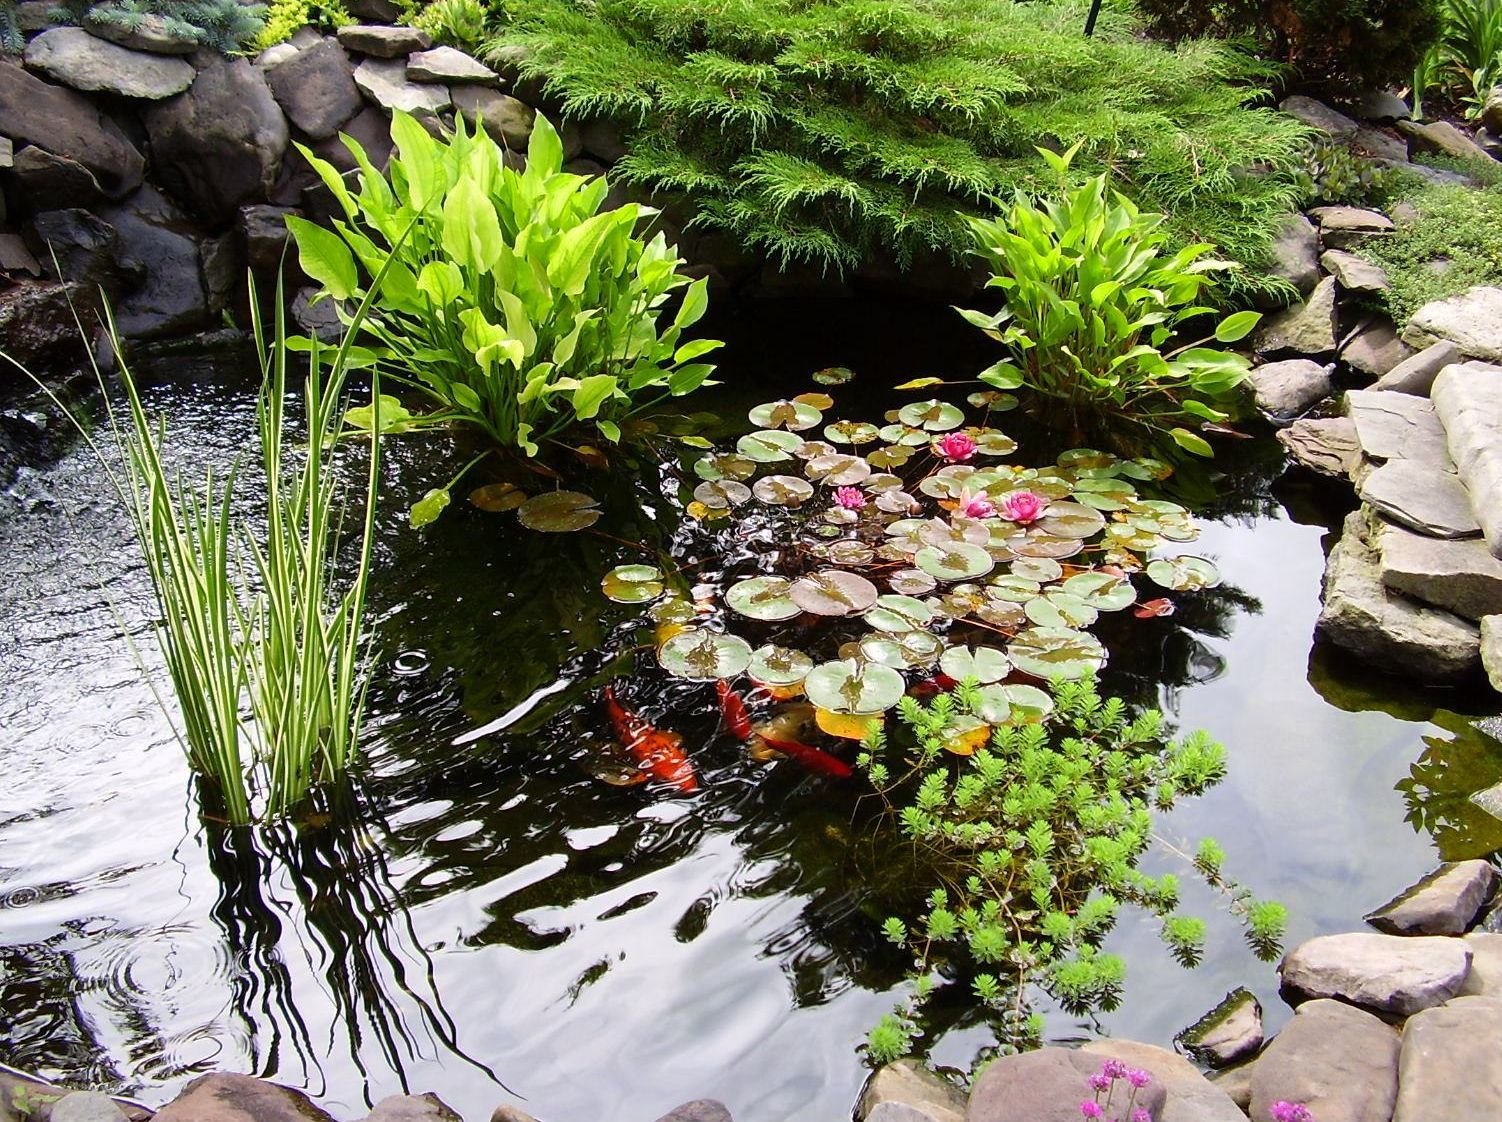 Прудовые лилии выступают центром композиции, не требуют сложного ухода и все лето радуют глаз яркими красочными цветками. Однако высаживать их надо в тихом спокойном пруду,без брызг и активного движения воды.